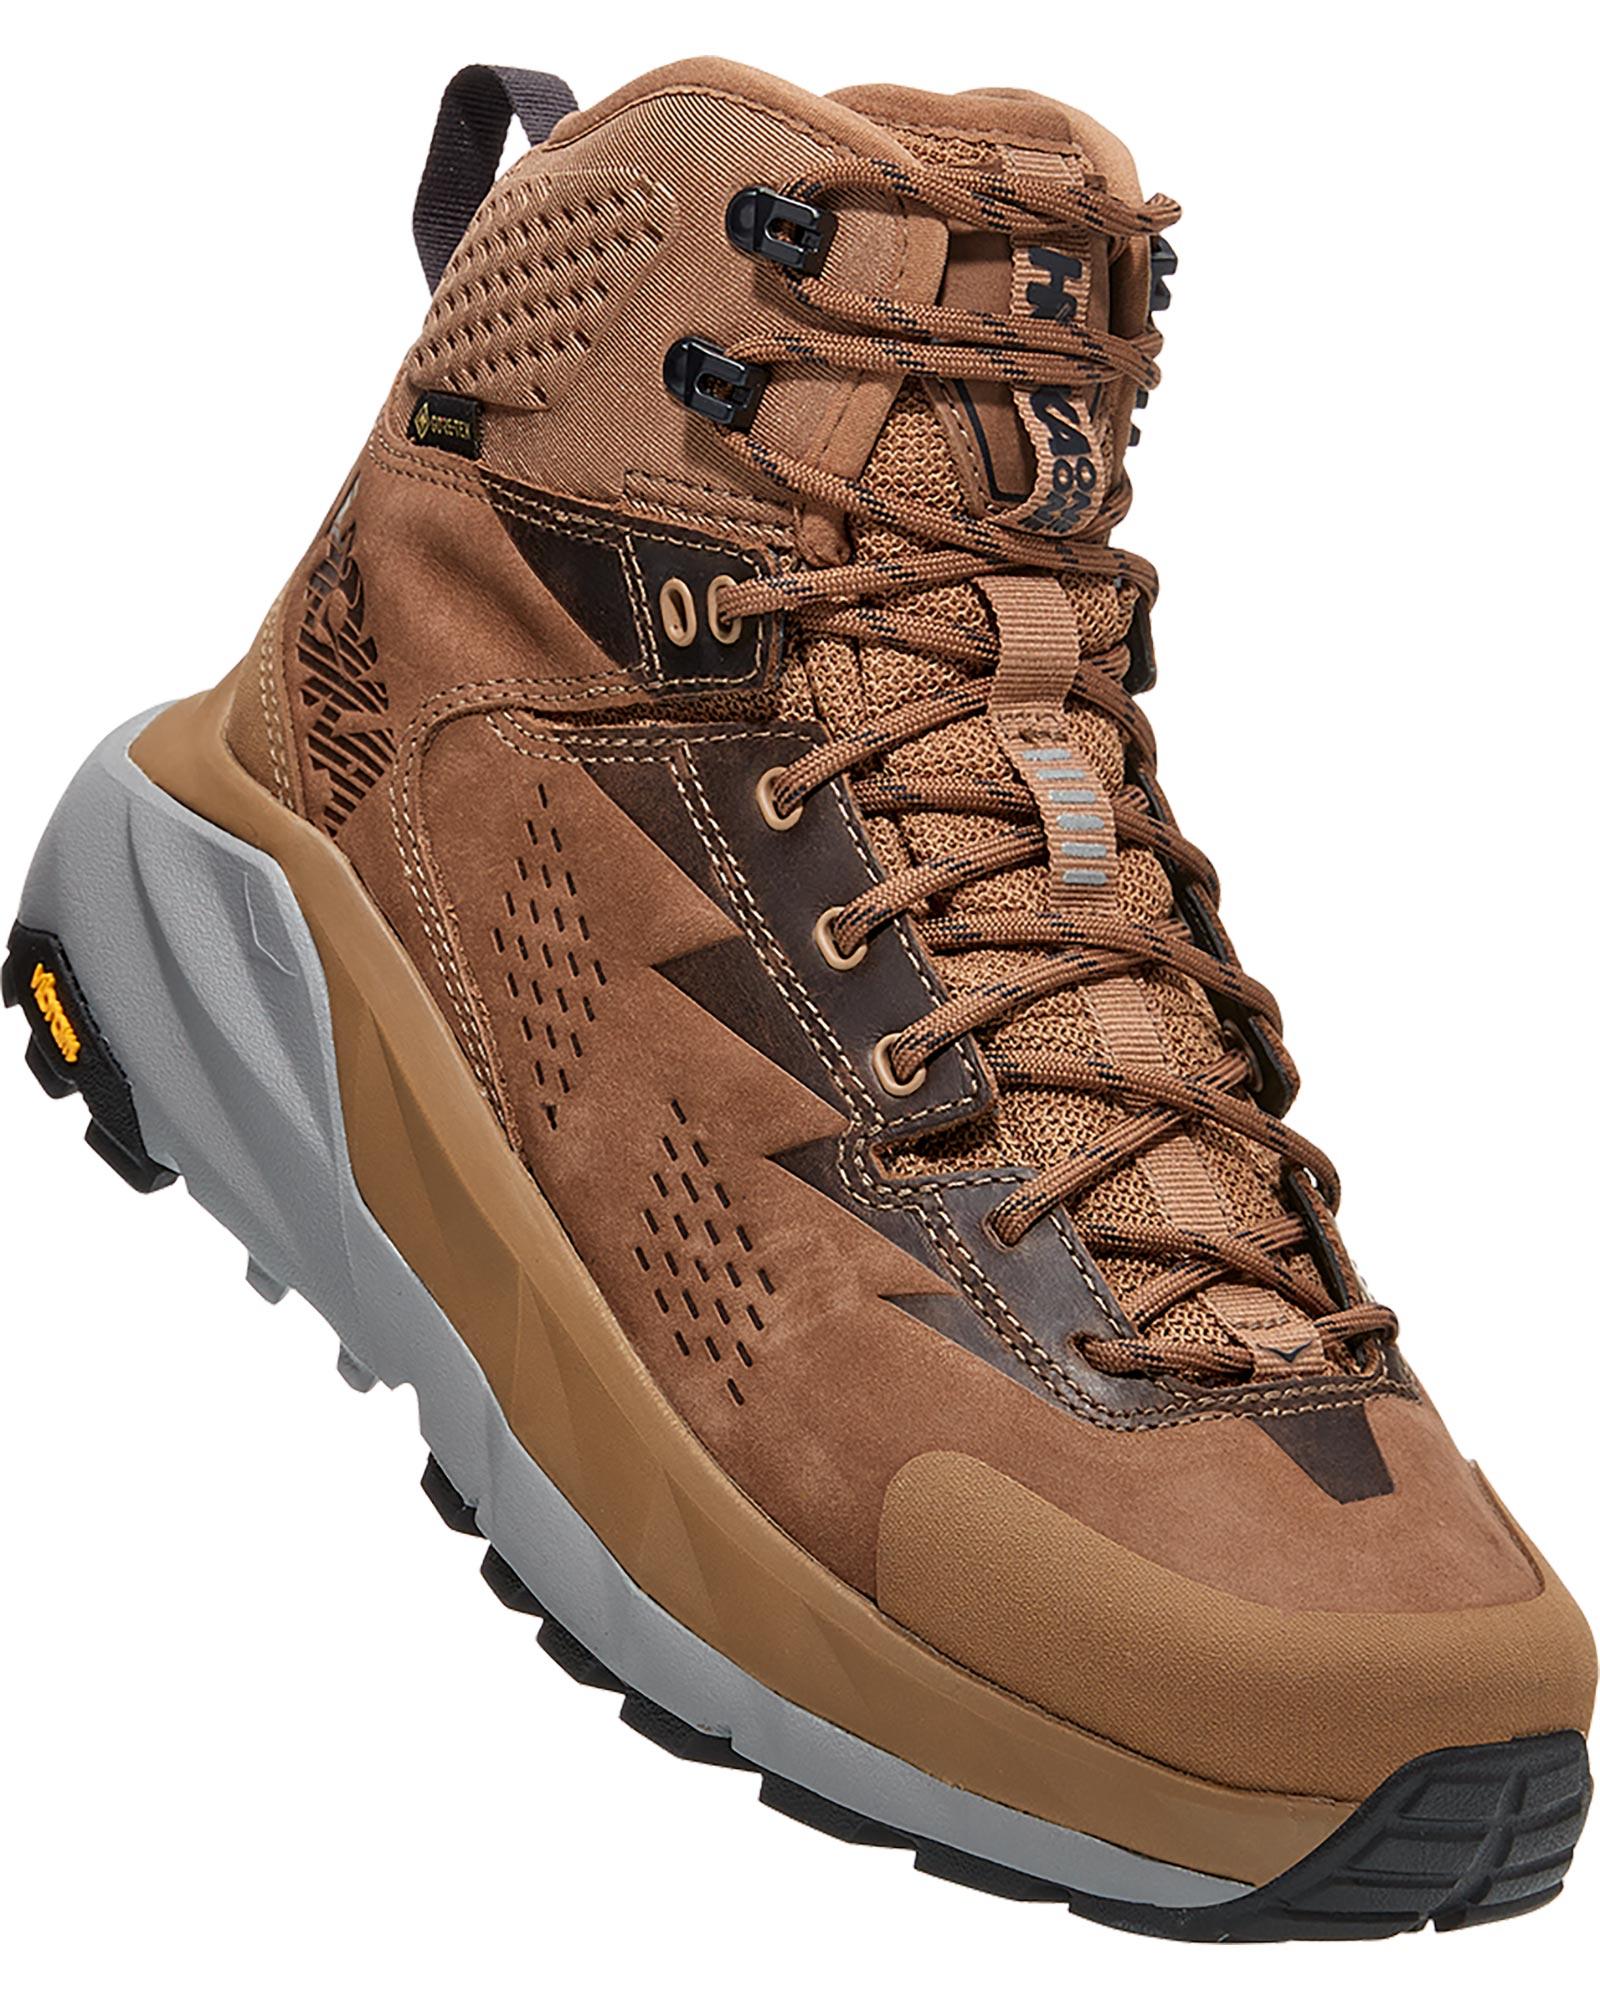 Hoka One One Kaha GORE-TEX Women's Boots 0